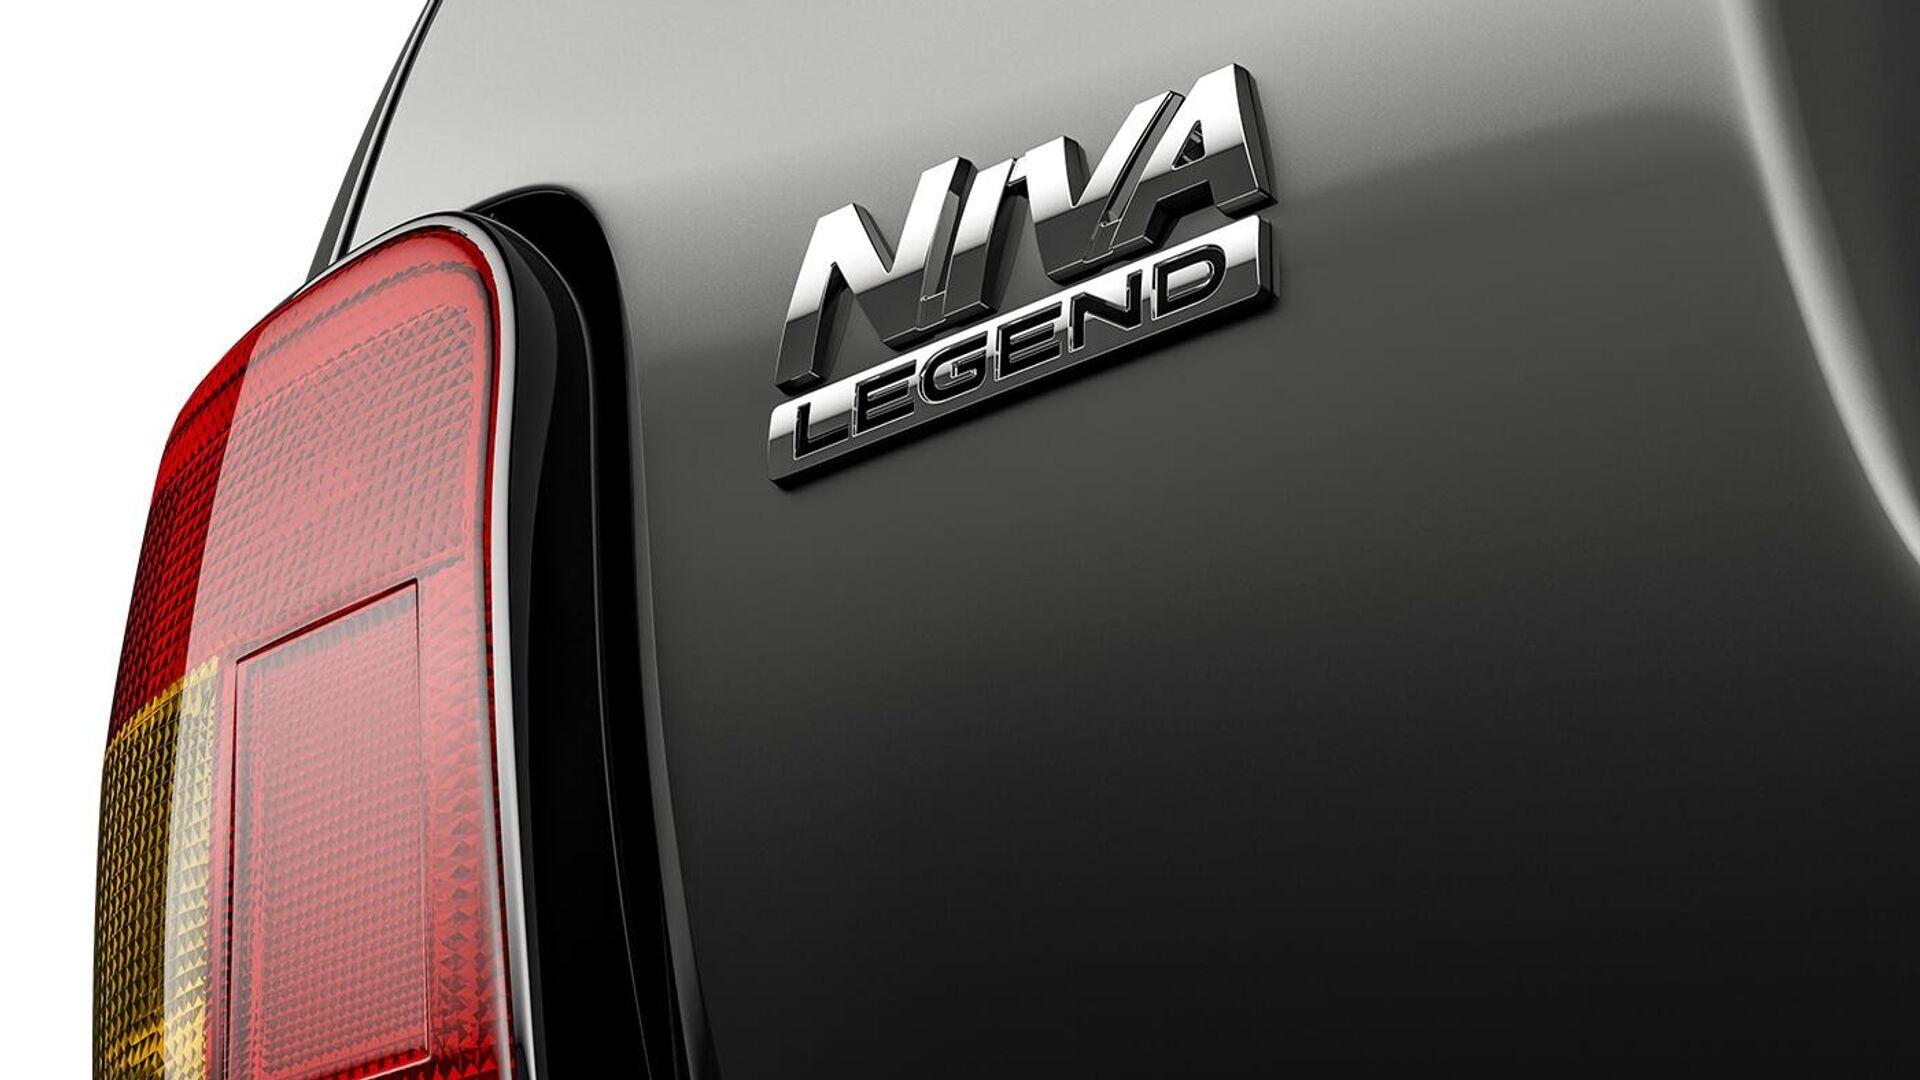 Автомобиль Lada Niva Legend - РИА Новости, 1920, 14.01.2021